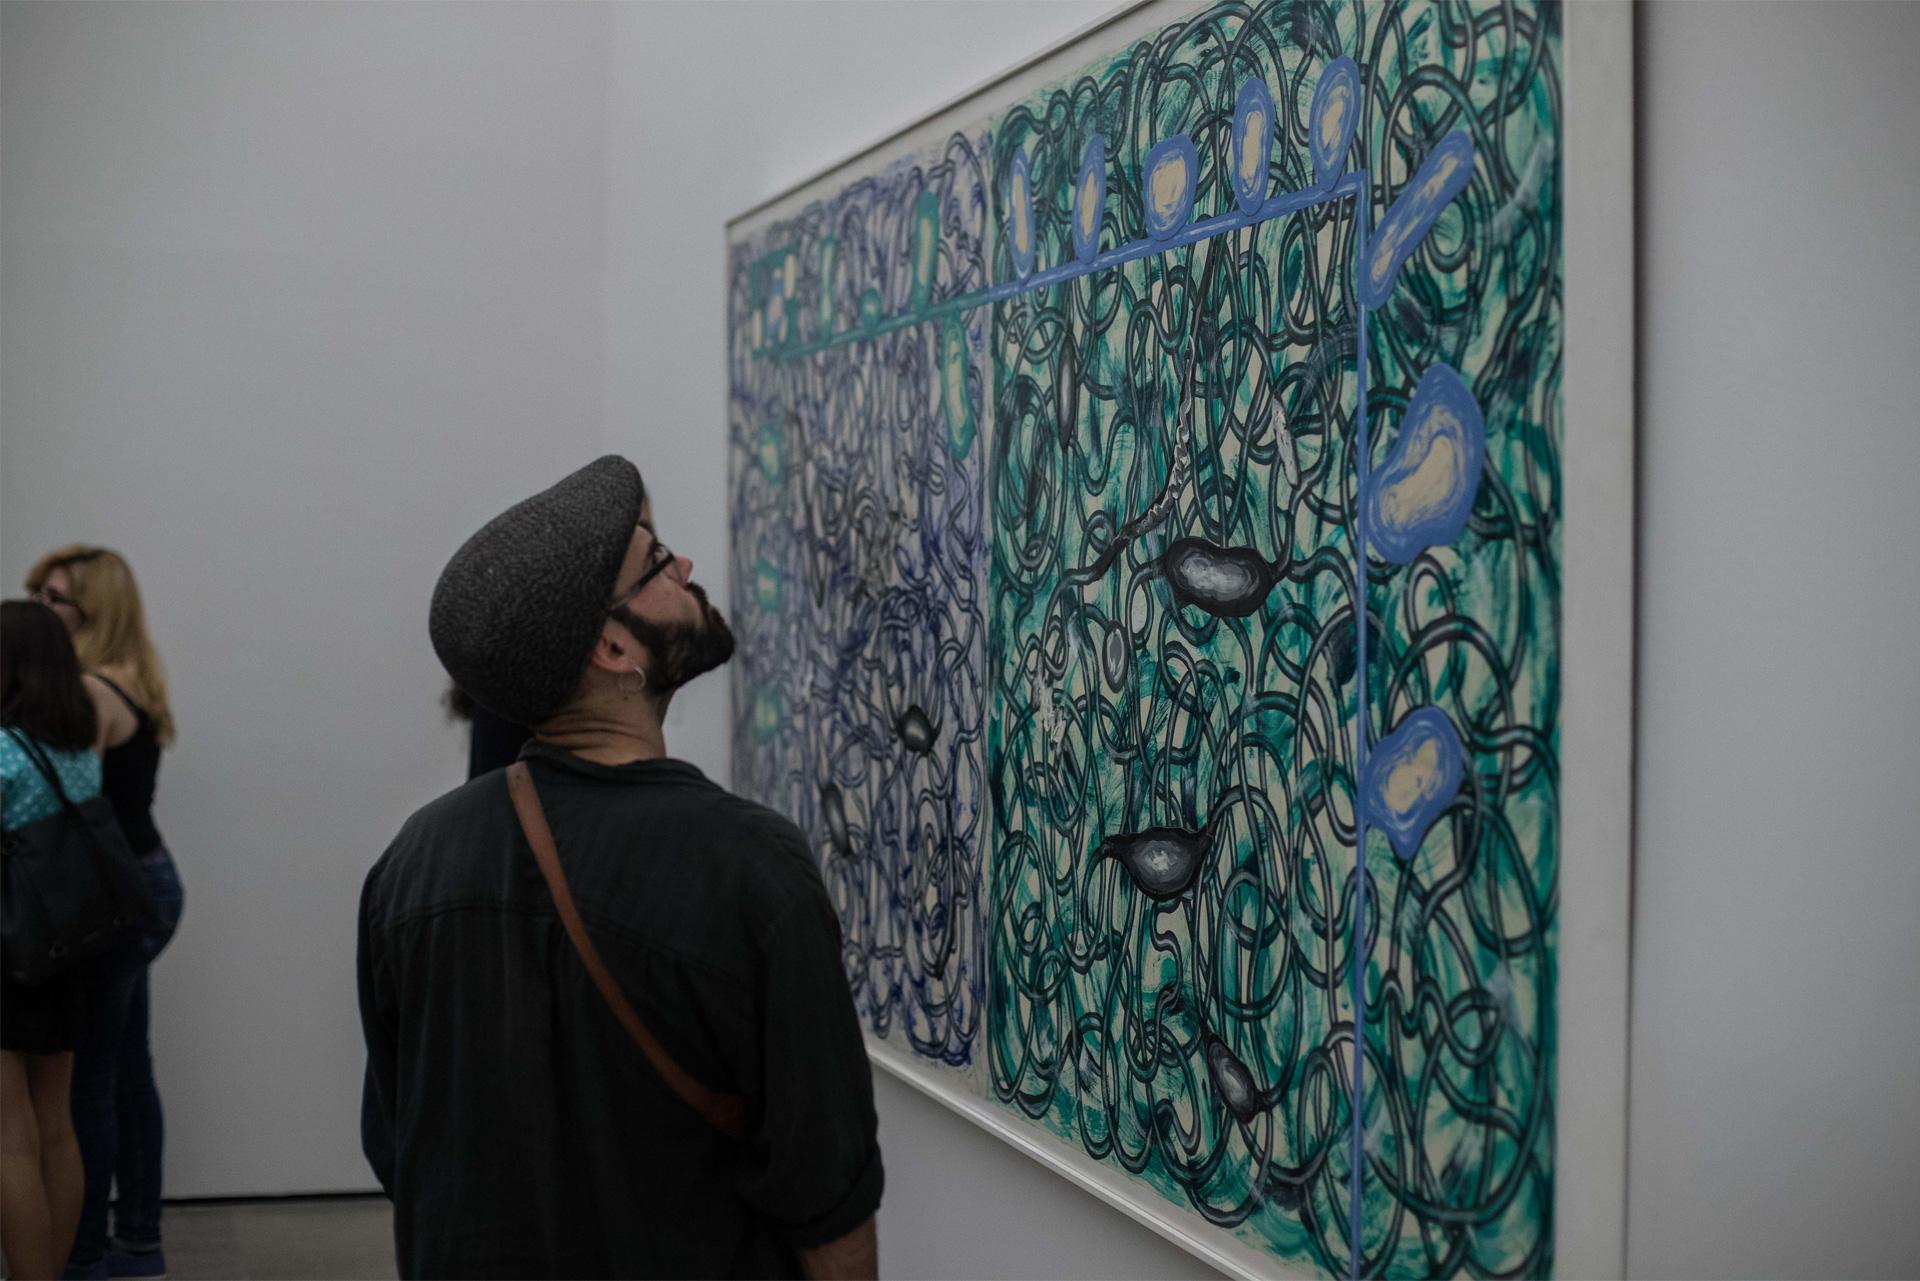 Más de 15.000 personas visitan la exposición dedicada al artista contemporáneo Luis Gordillo en la Alhambra